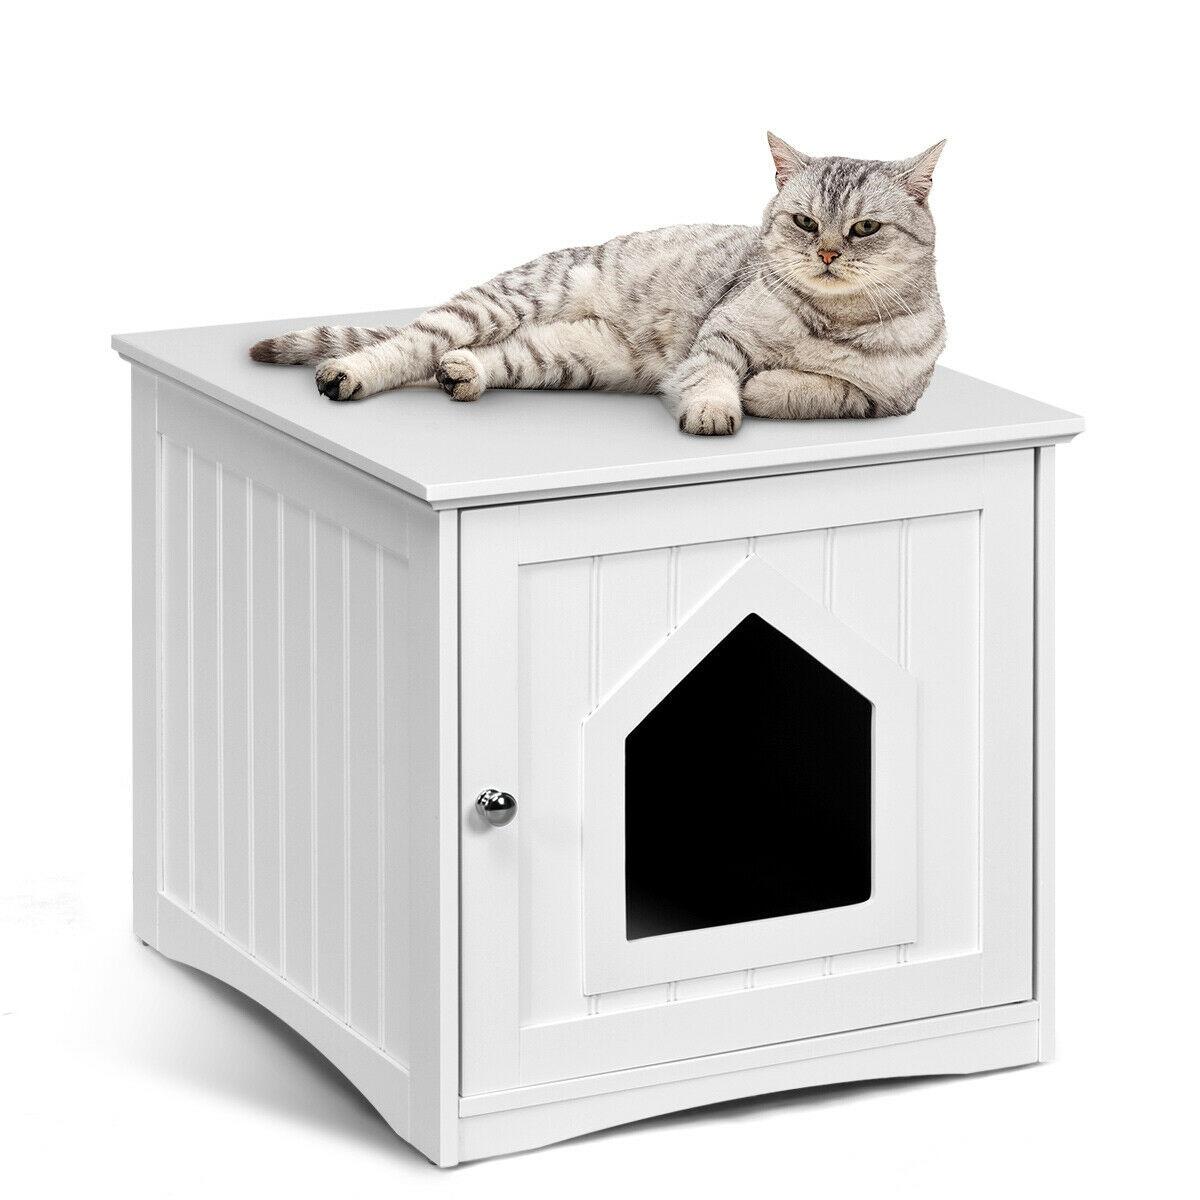 Gymax Weatherproof Multi Function Pet Cat House Outdoor Indoor